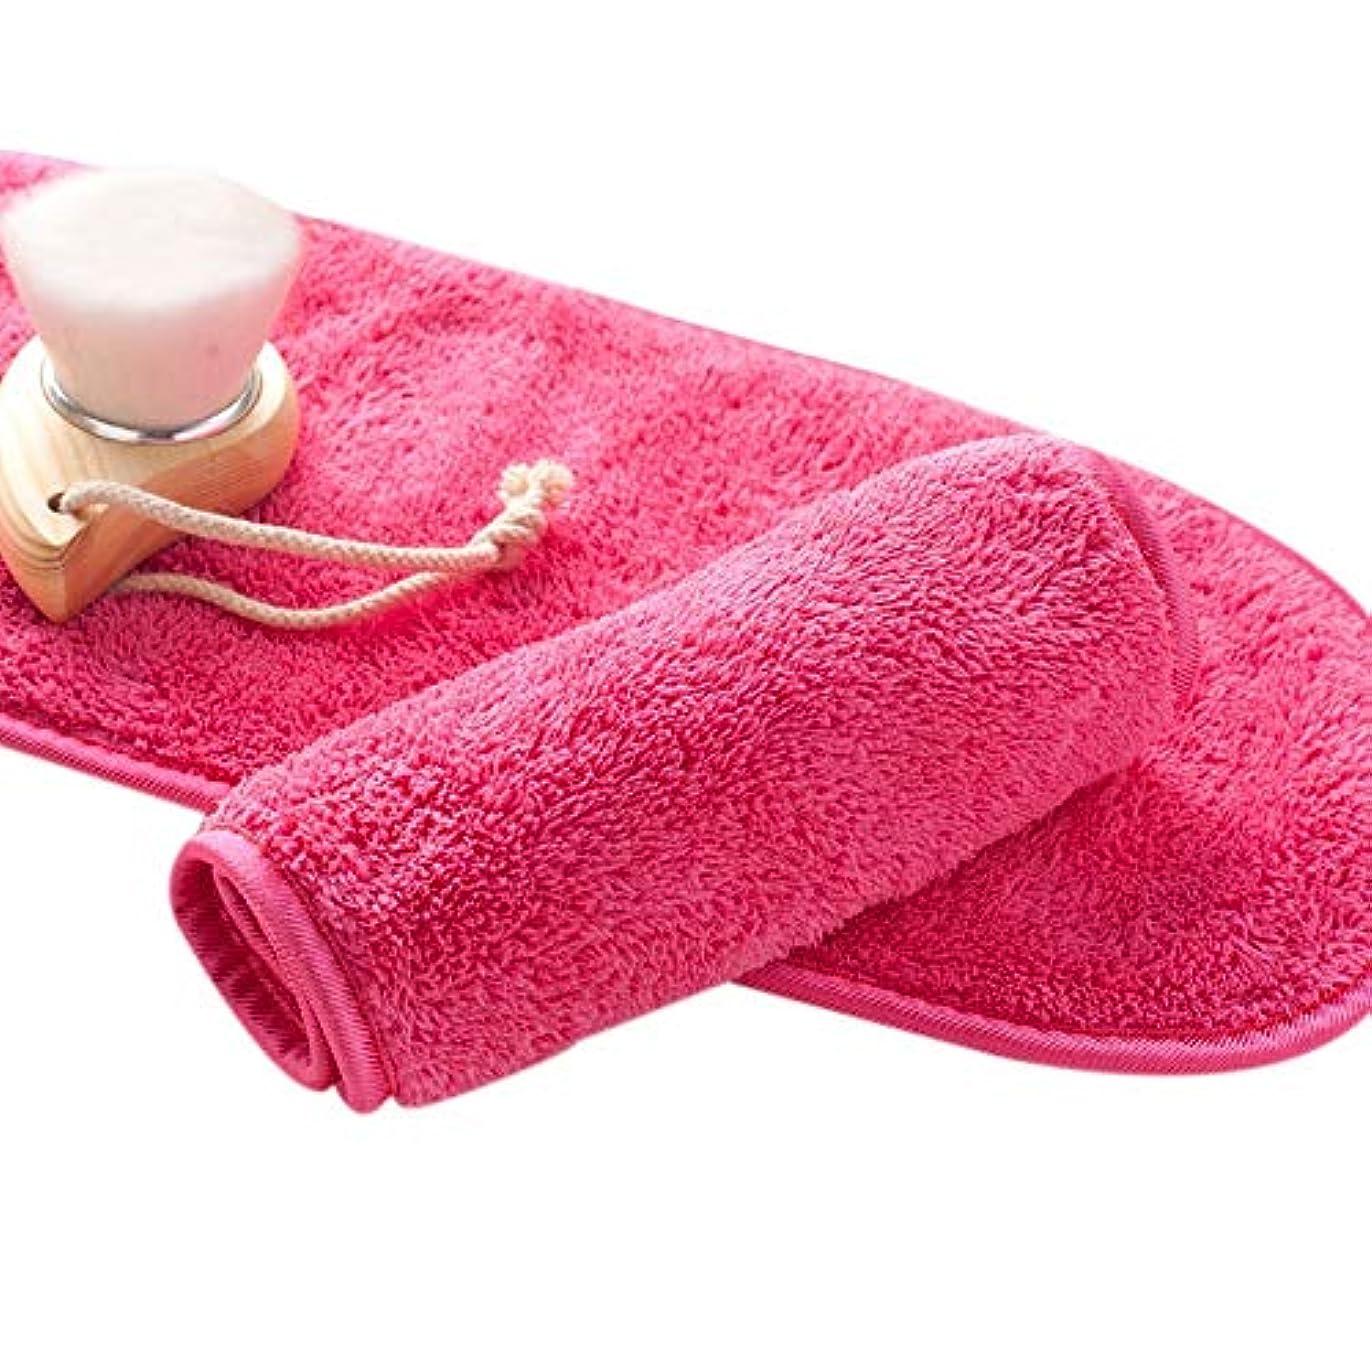 省減る正確さGaoominy ナチュラル抗菌保護 メイク落とし クレンジング美容ウォッシュツール 再利用可能なマイクロファイバーのフェイシャルクロス 顔用タオル